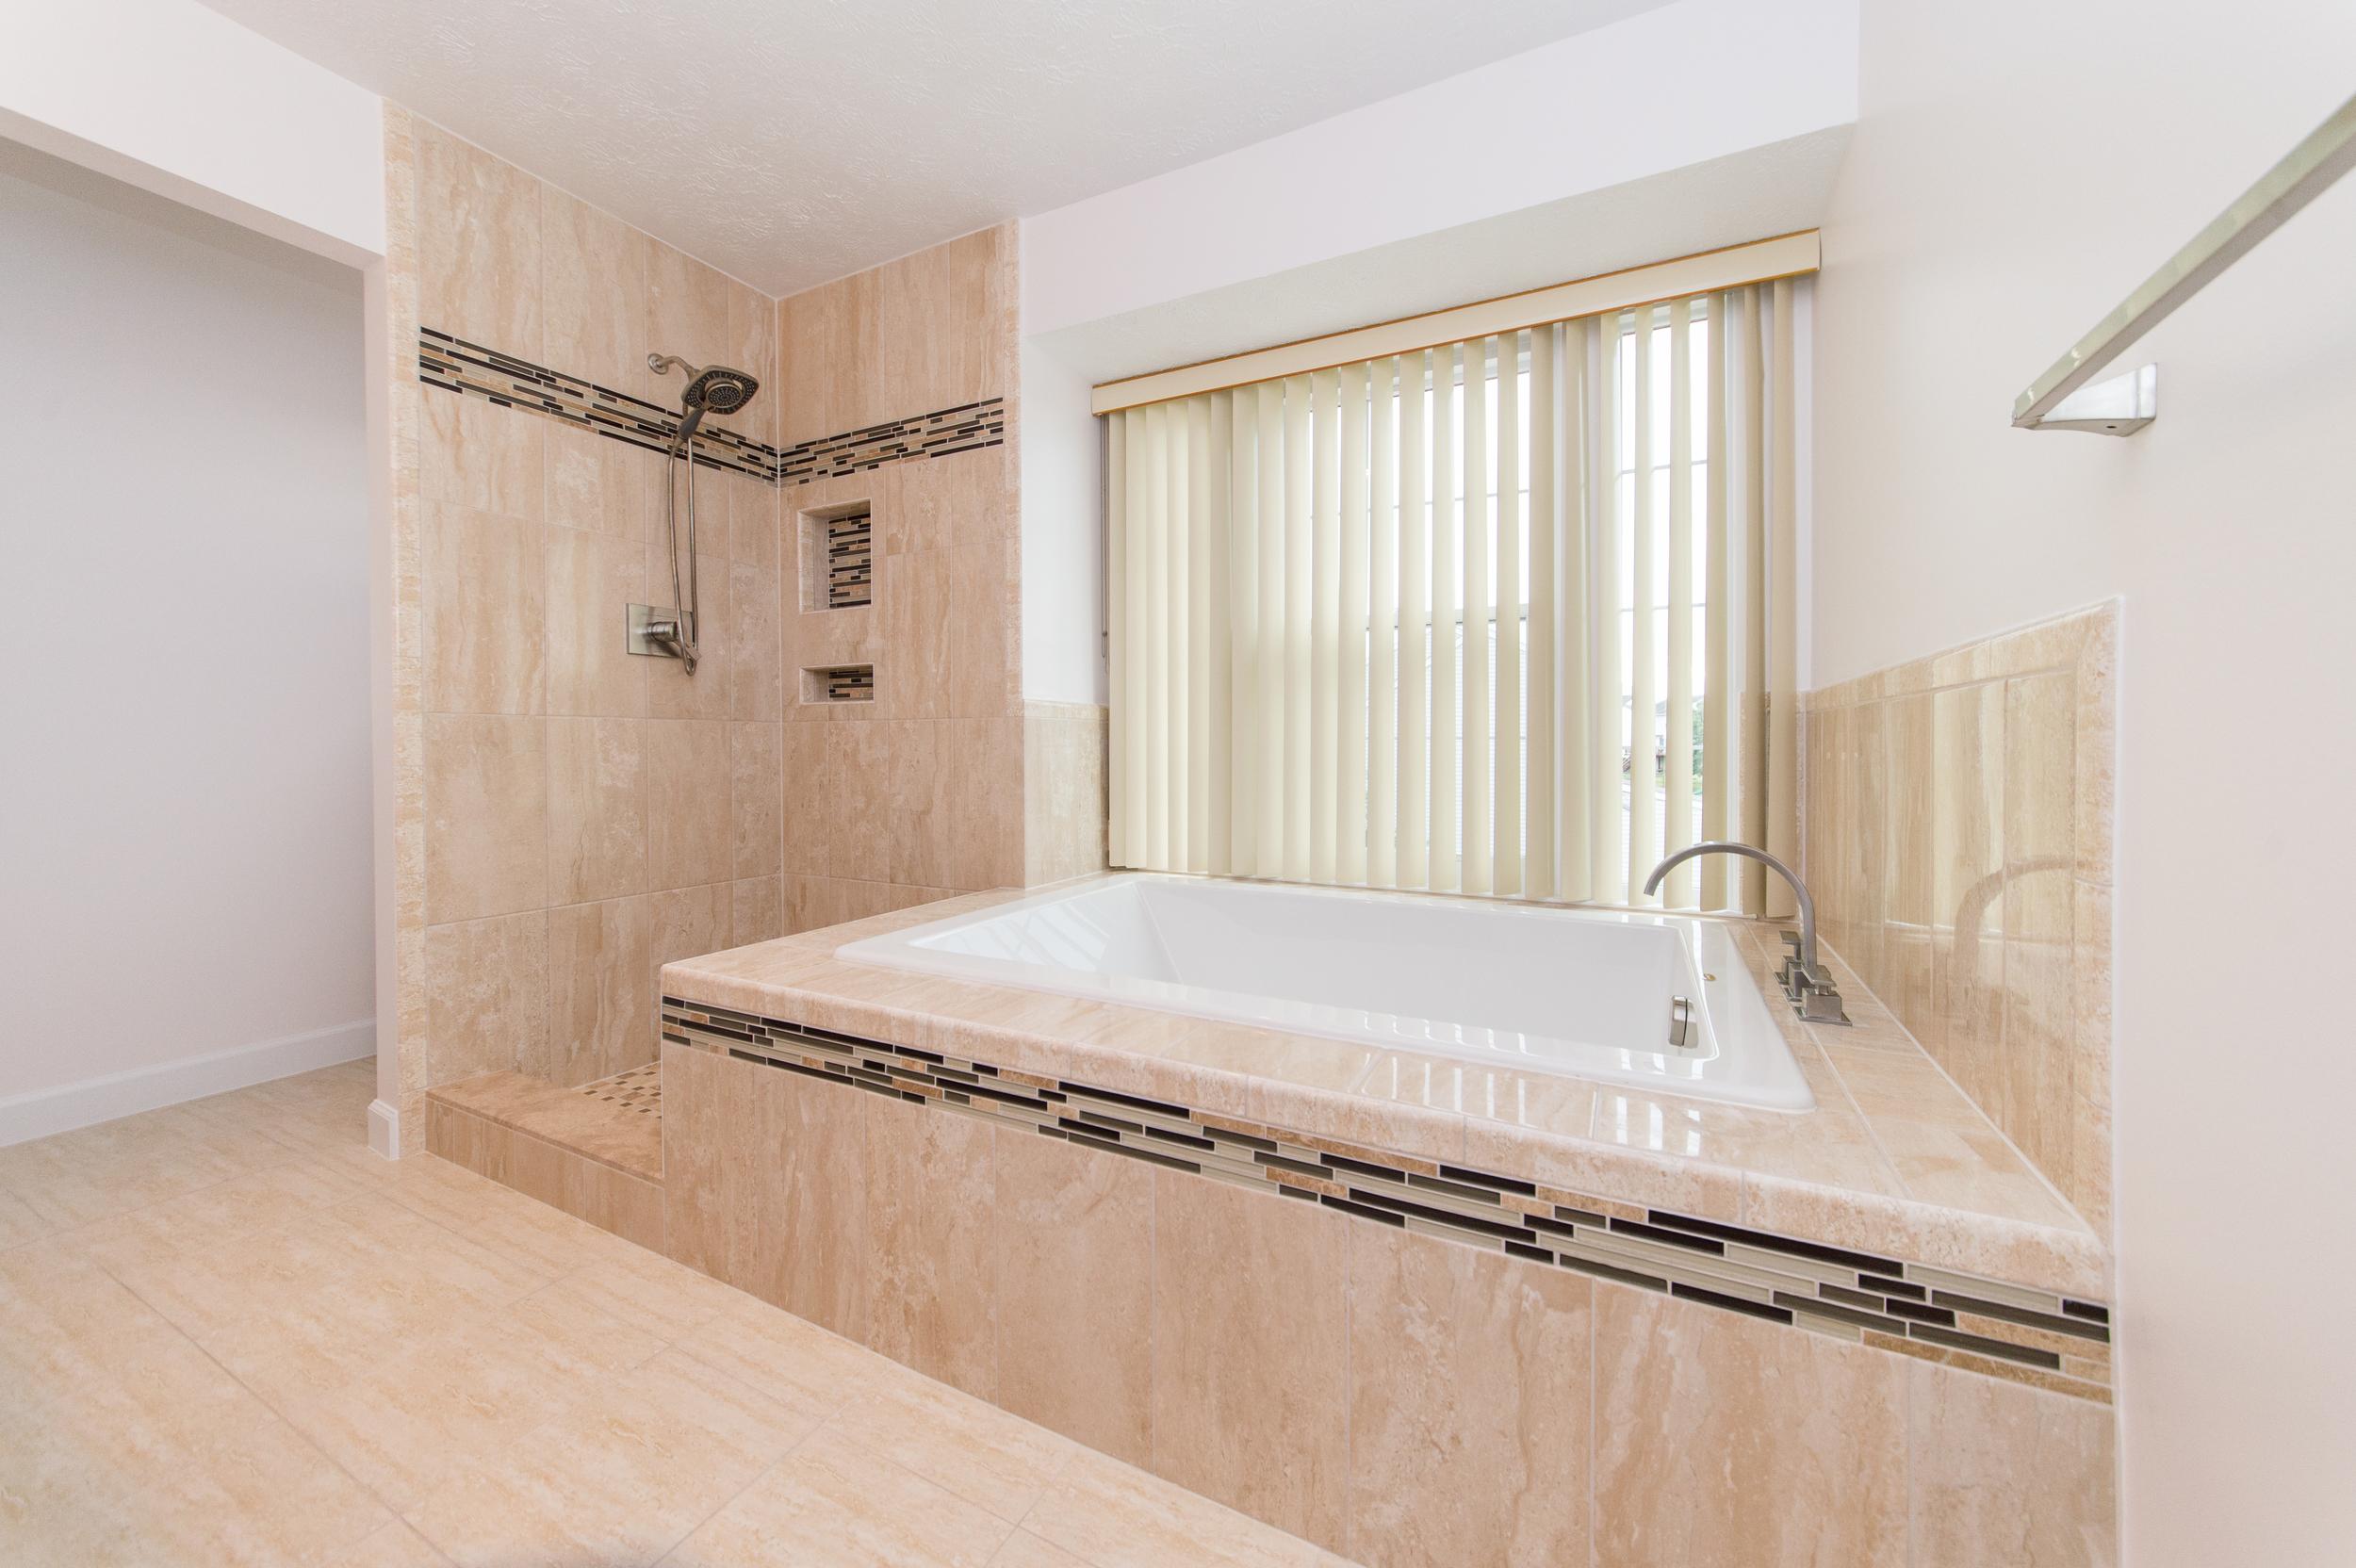 Bathroom Remodel Windsor Mill, MD